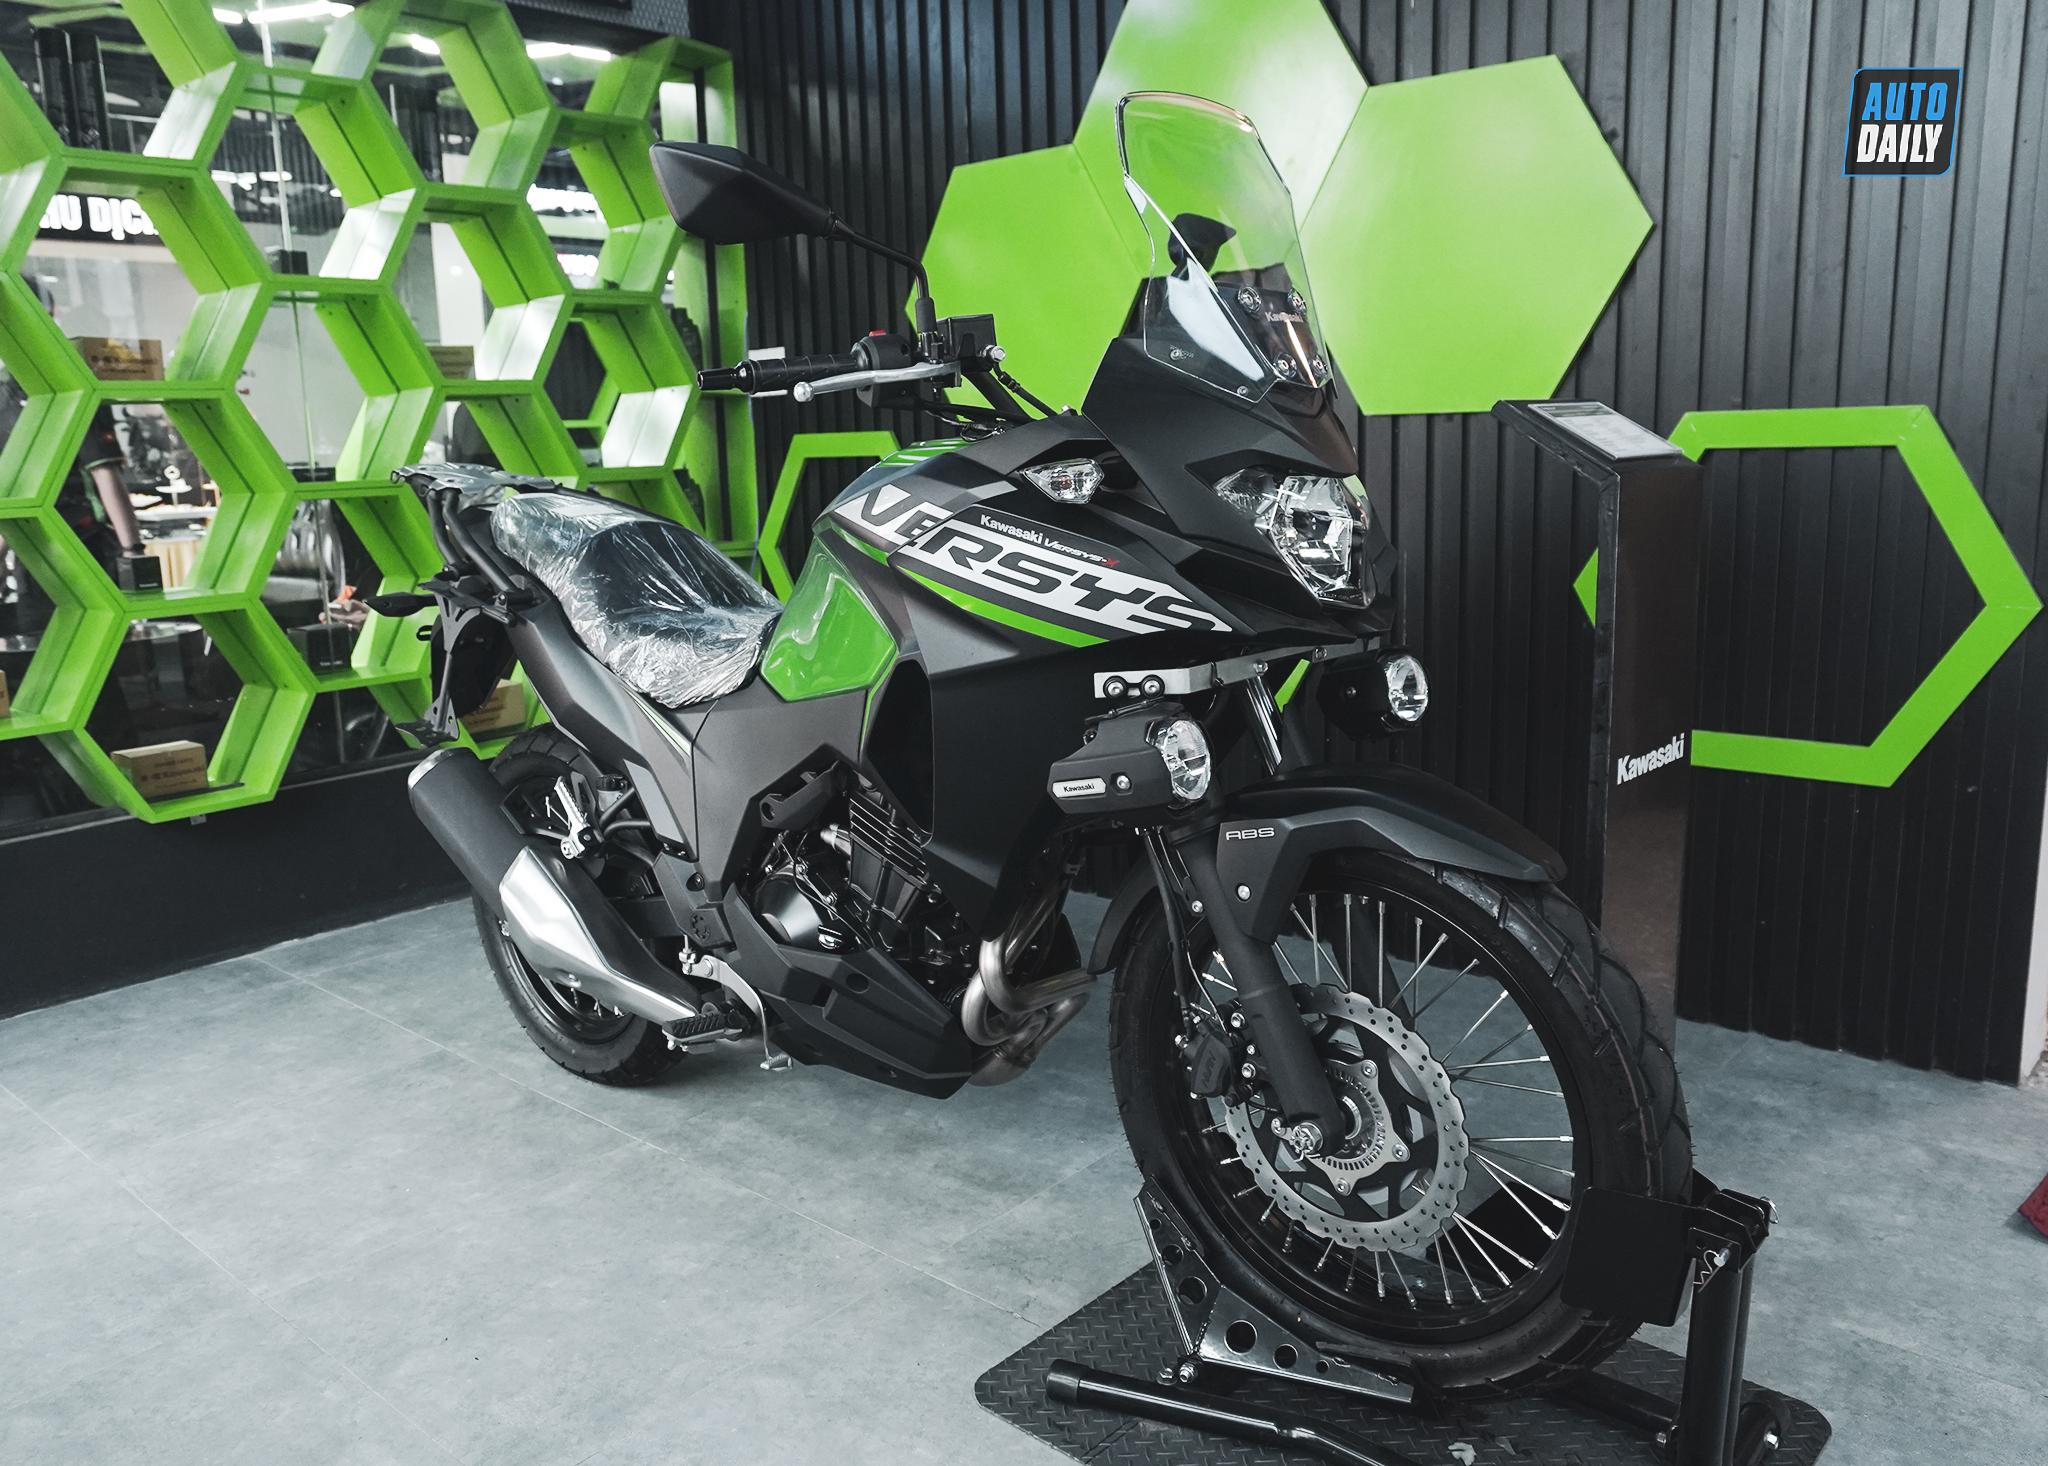 Khai trương showroom Kawasaki Thưởng Motor: Ưu đãi ngập tràn kawasaki-10.jpg